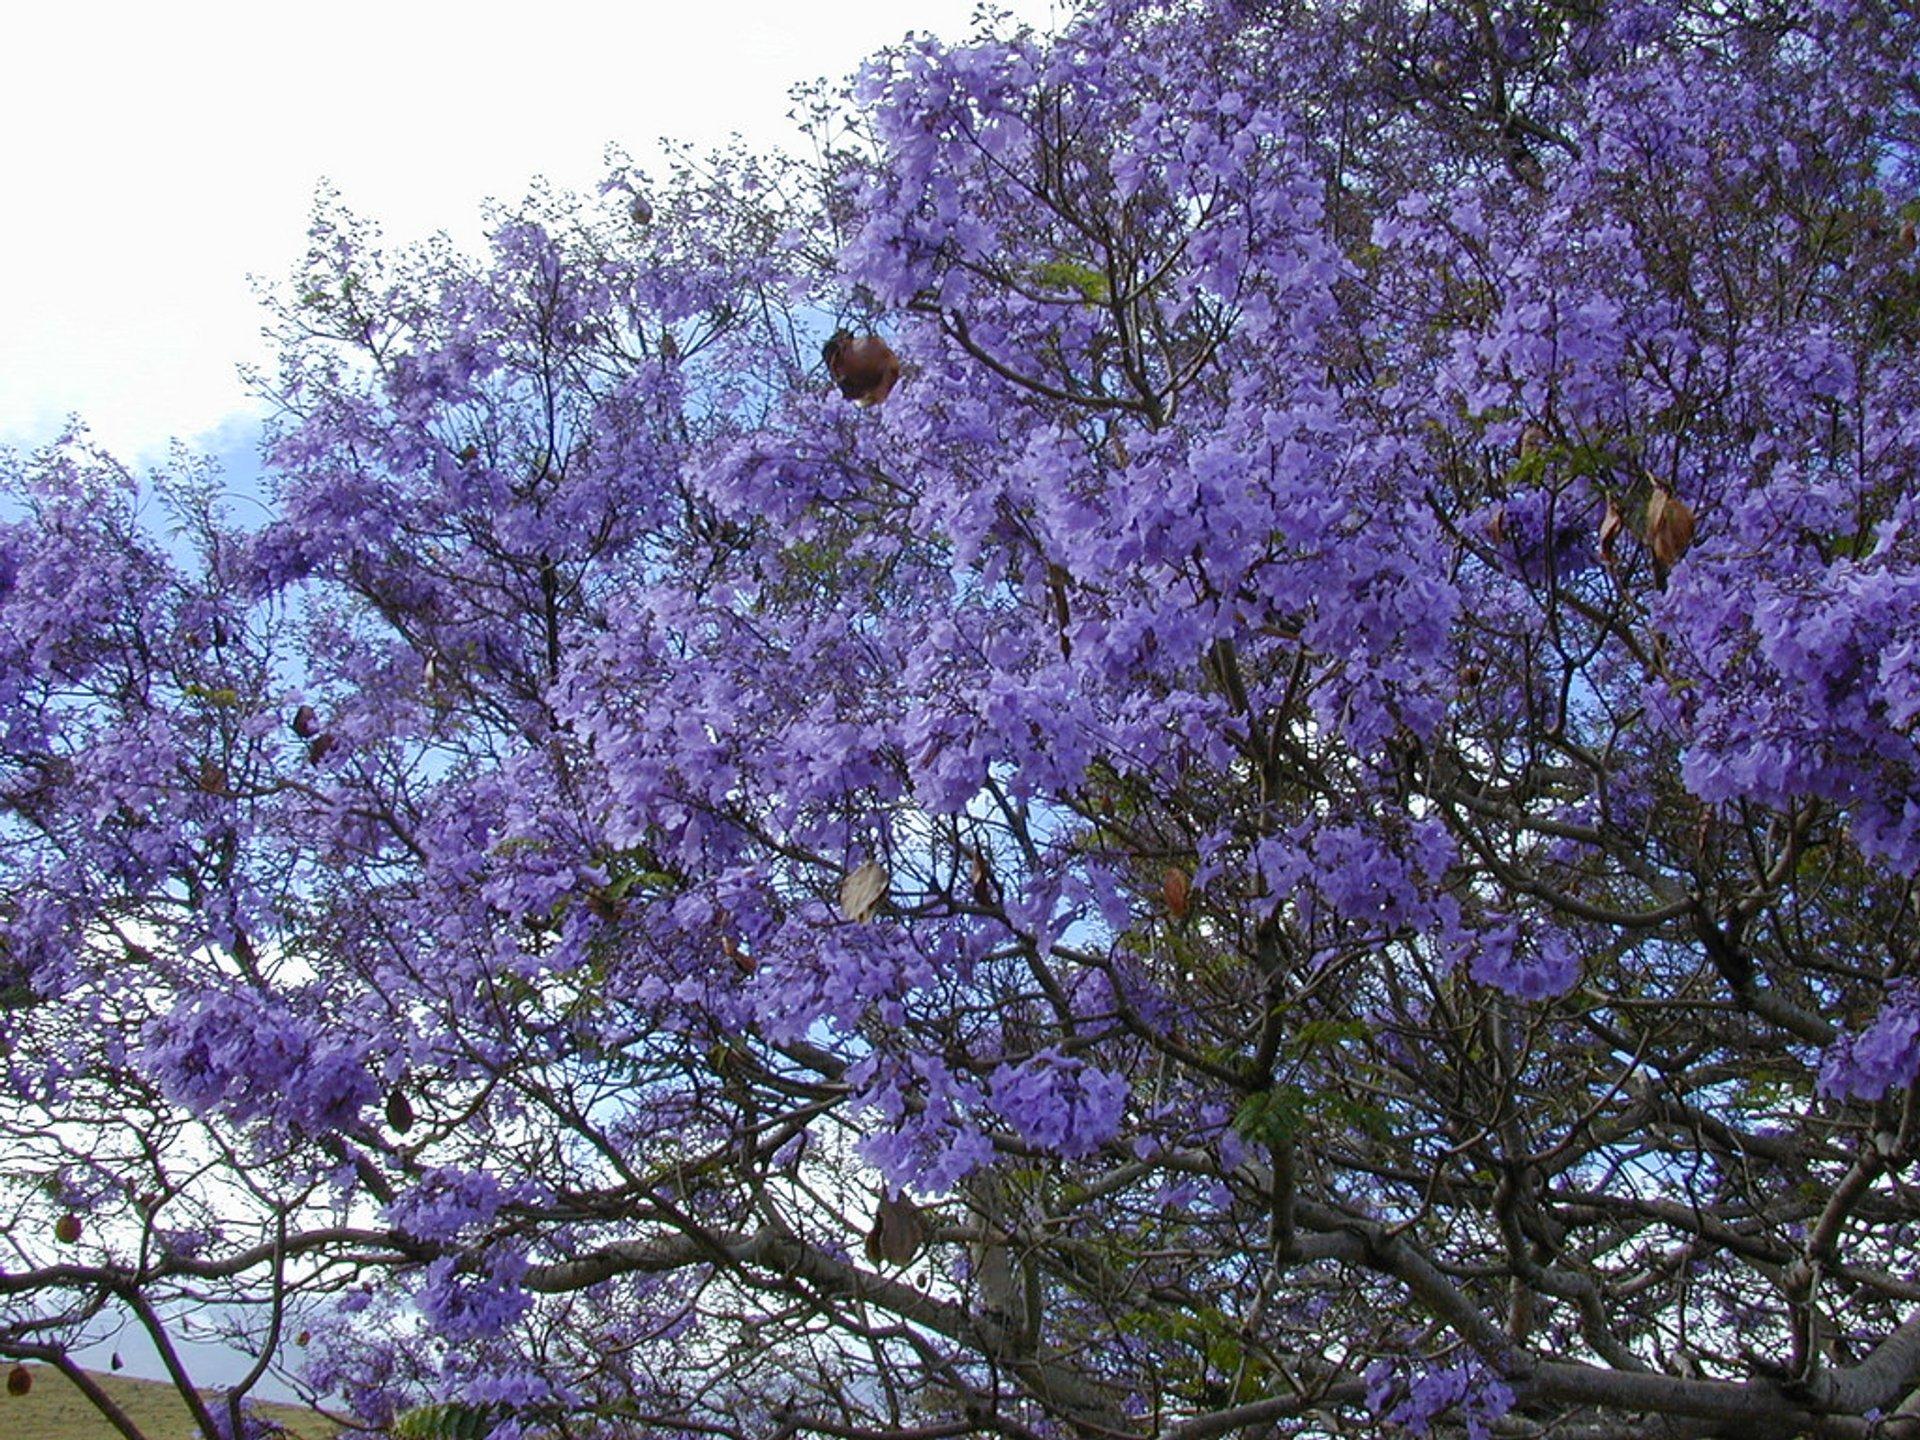 Jacaranda Tree Blooming in Hawaii - Best Time